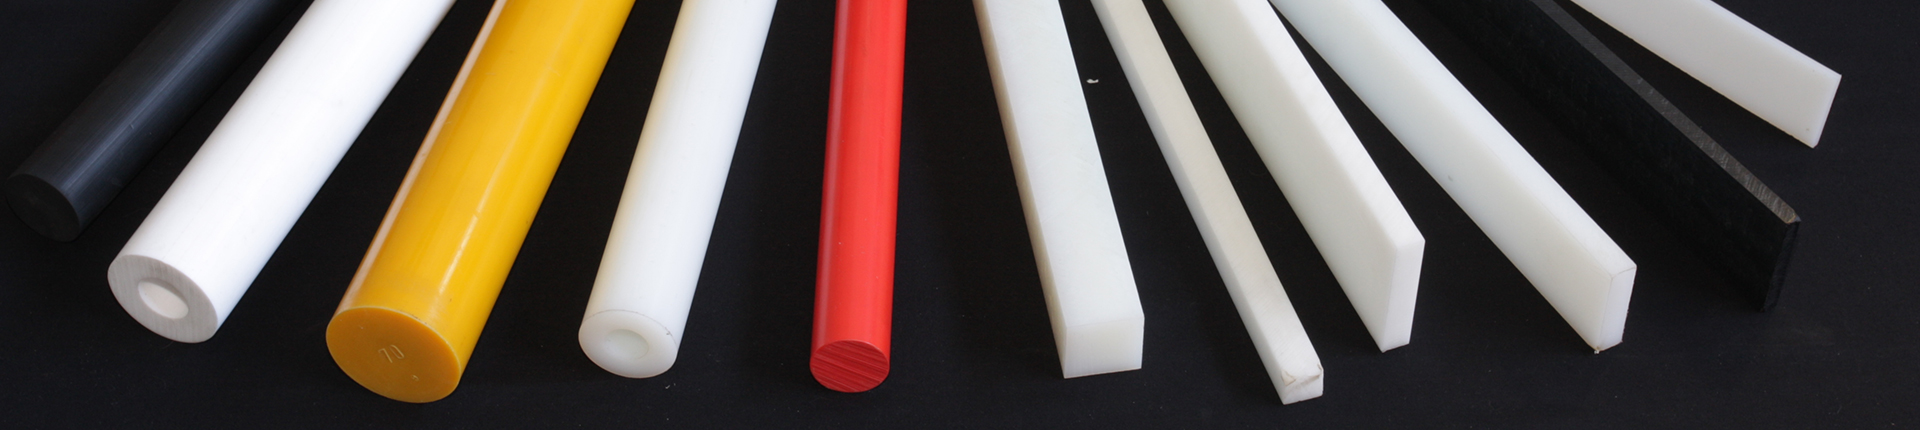 Materie Plastiche: pvc, policarbonato, polietilene, plastica ...